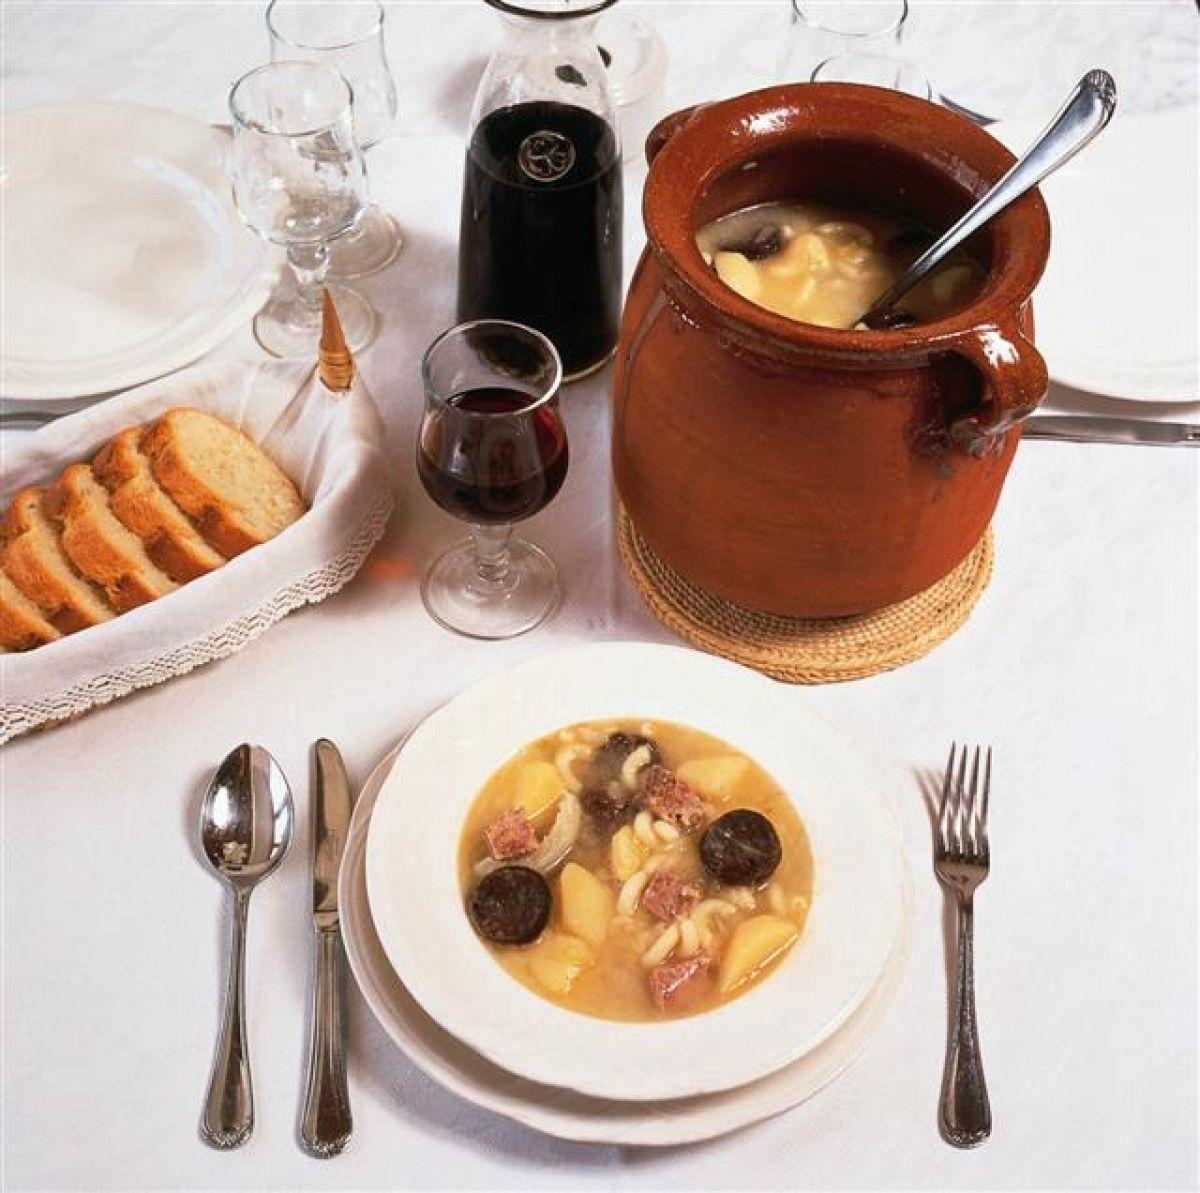 Restaurantes en Baqueira Beret y Gastronomía artesana